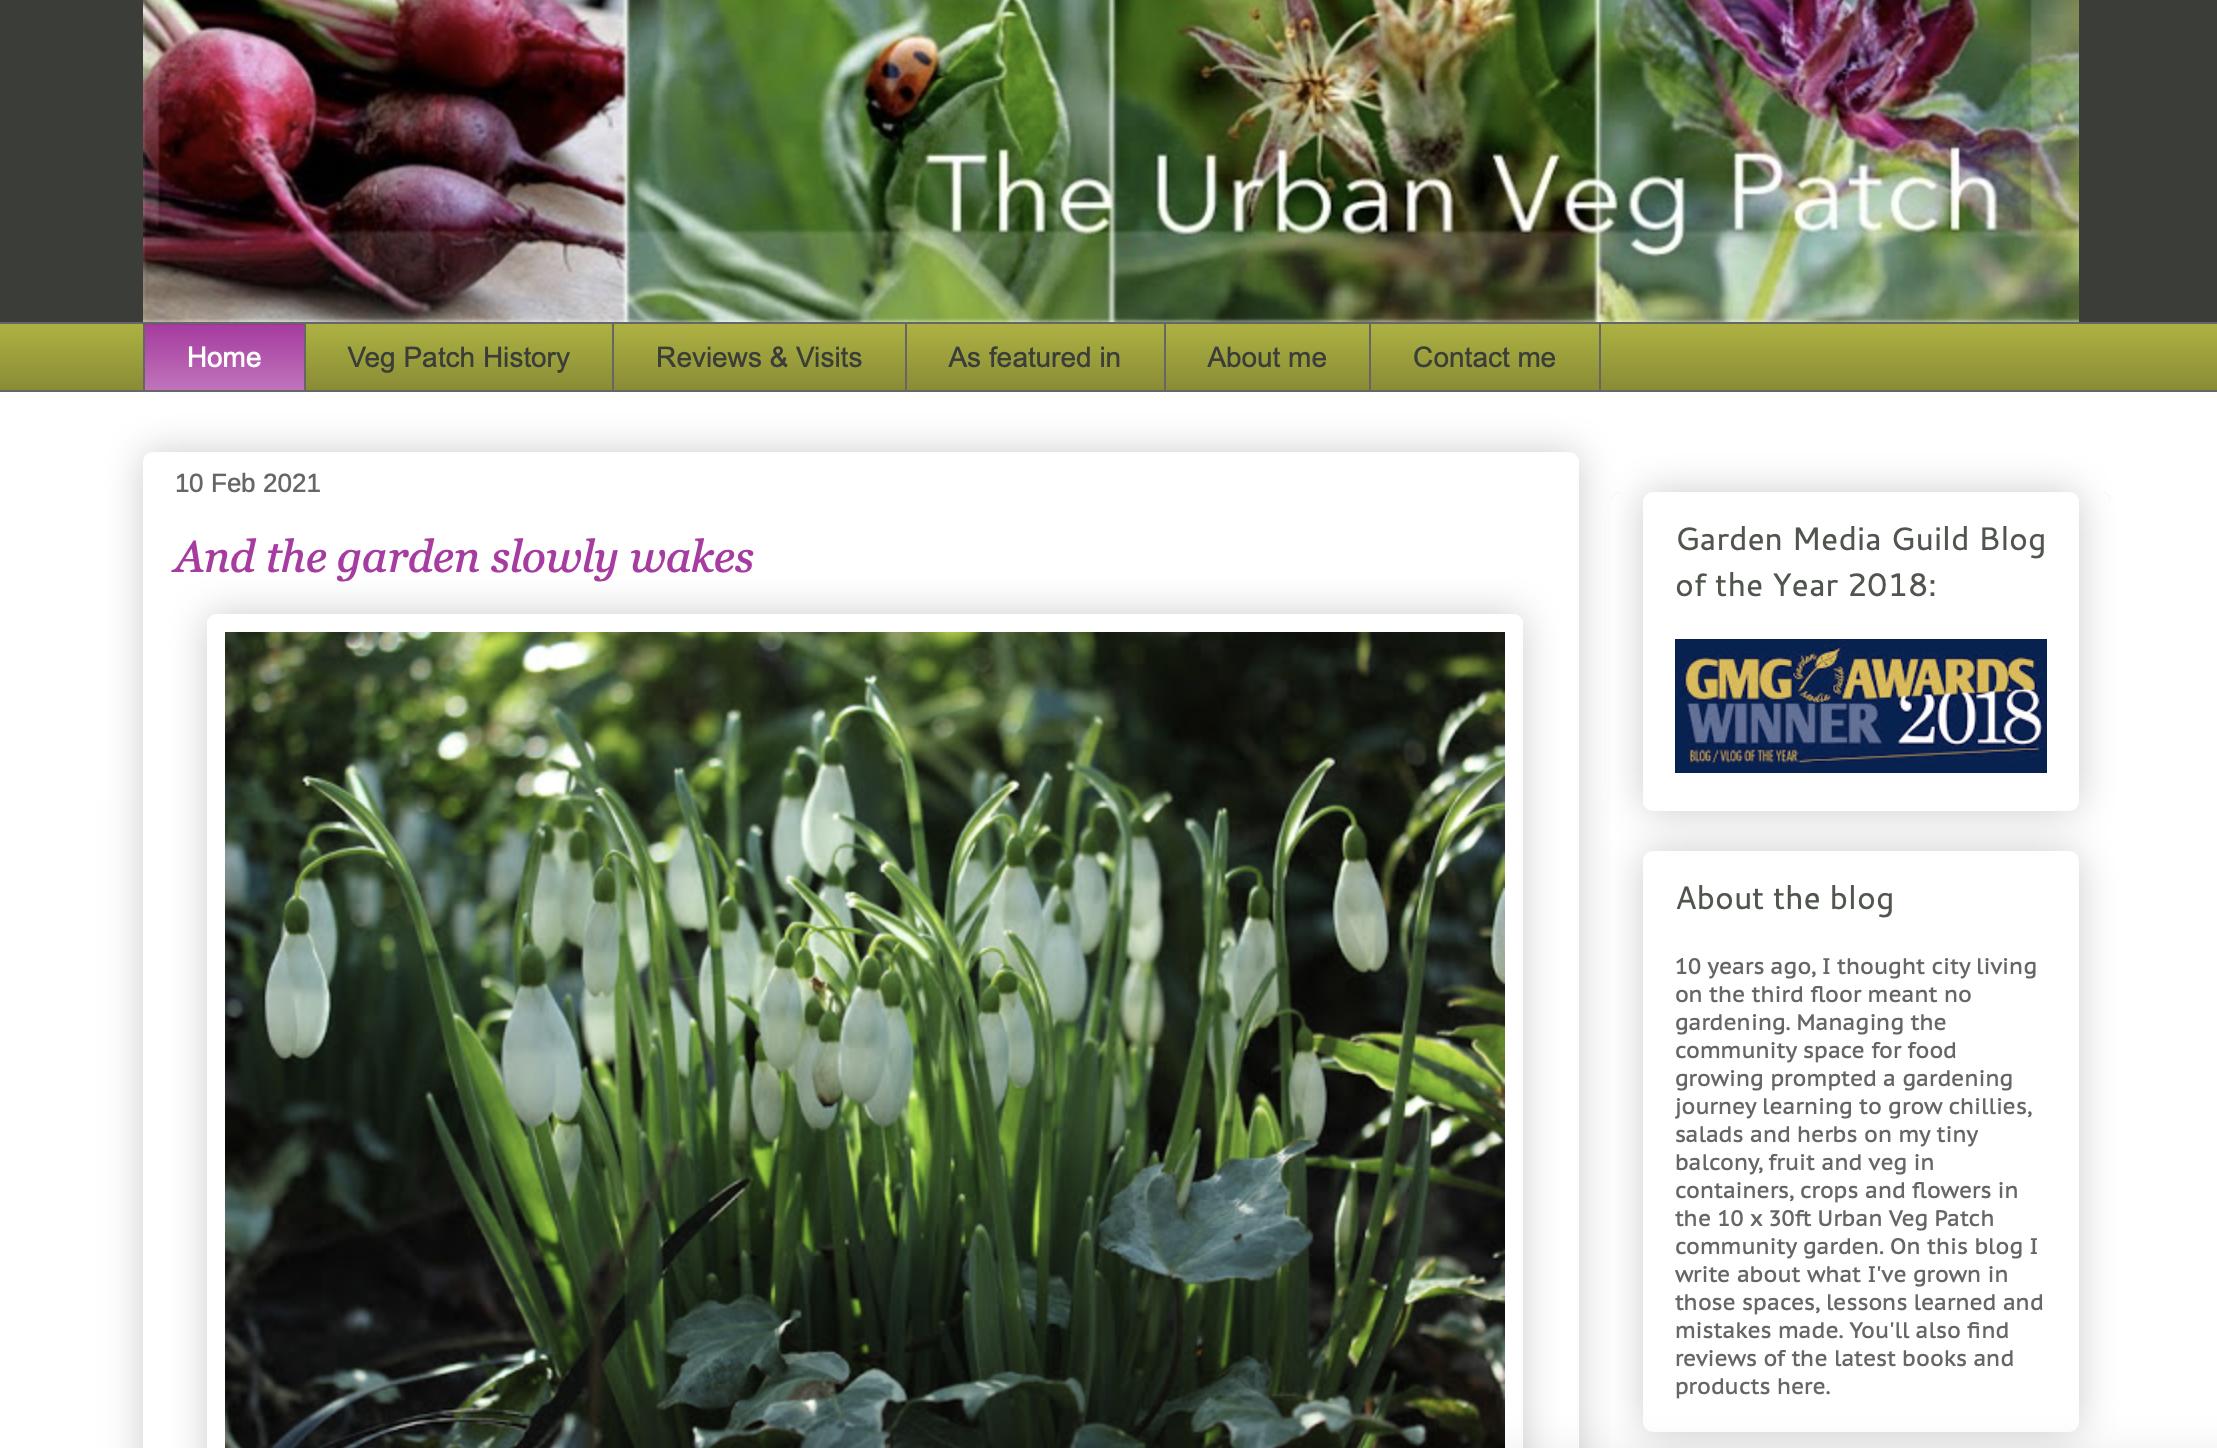 The Urban Veg Patch